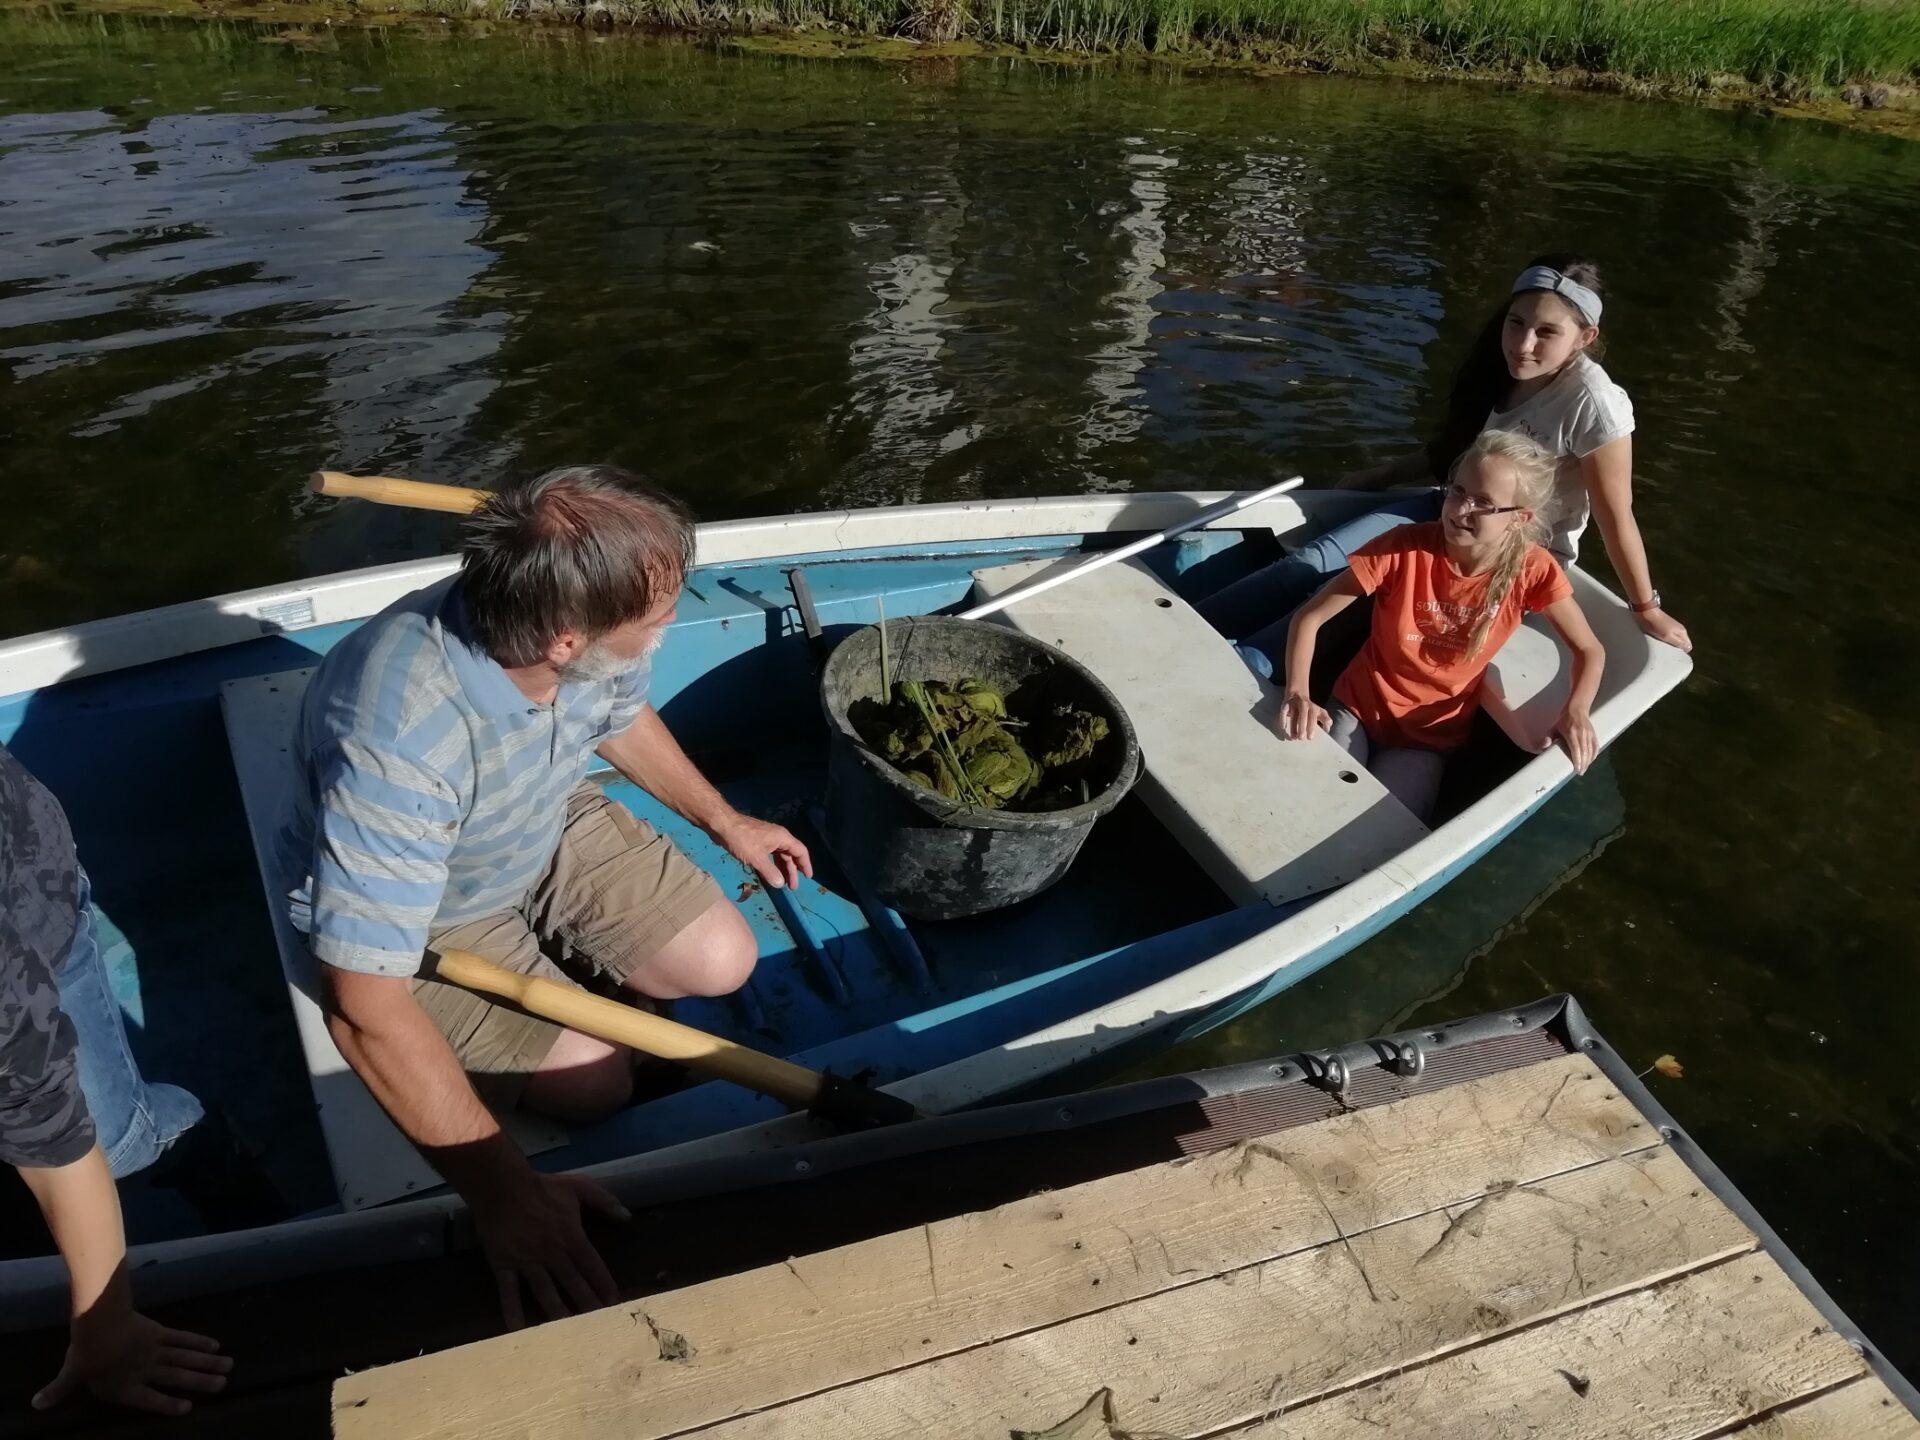 Kinder und Naturschutzexperte im Boot. In der Mitte die gesammelten Schädlinge